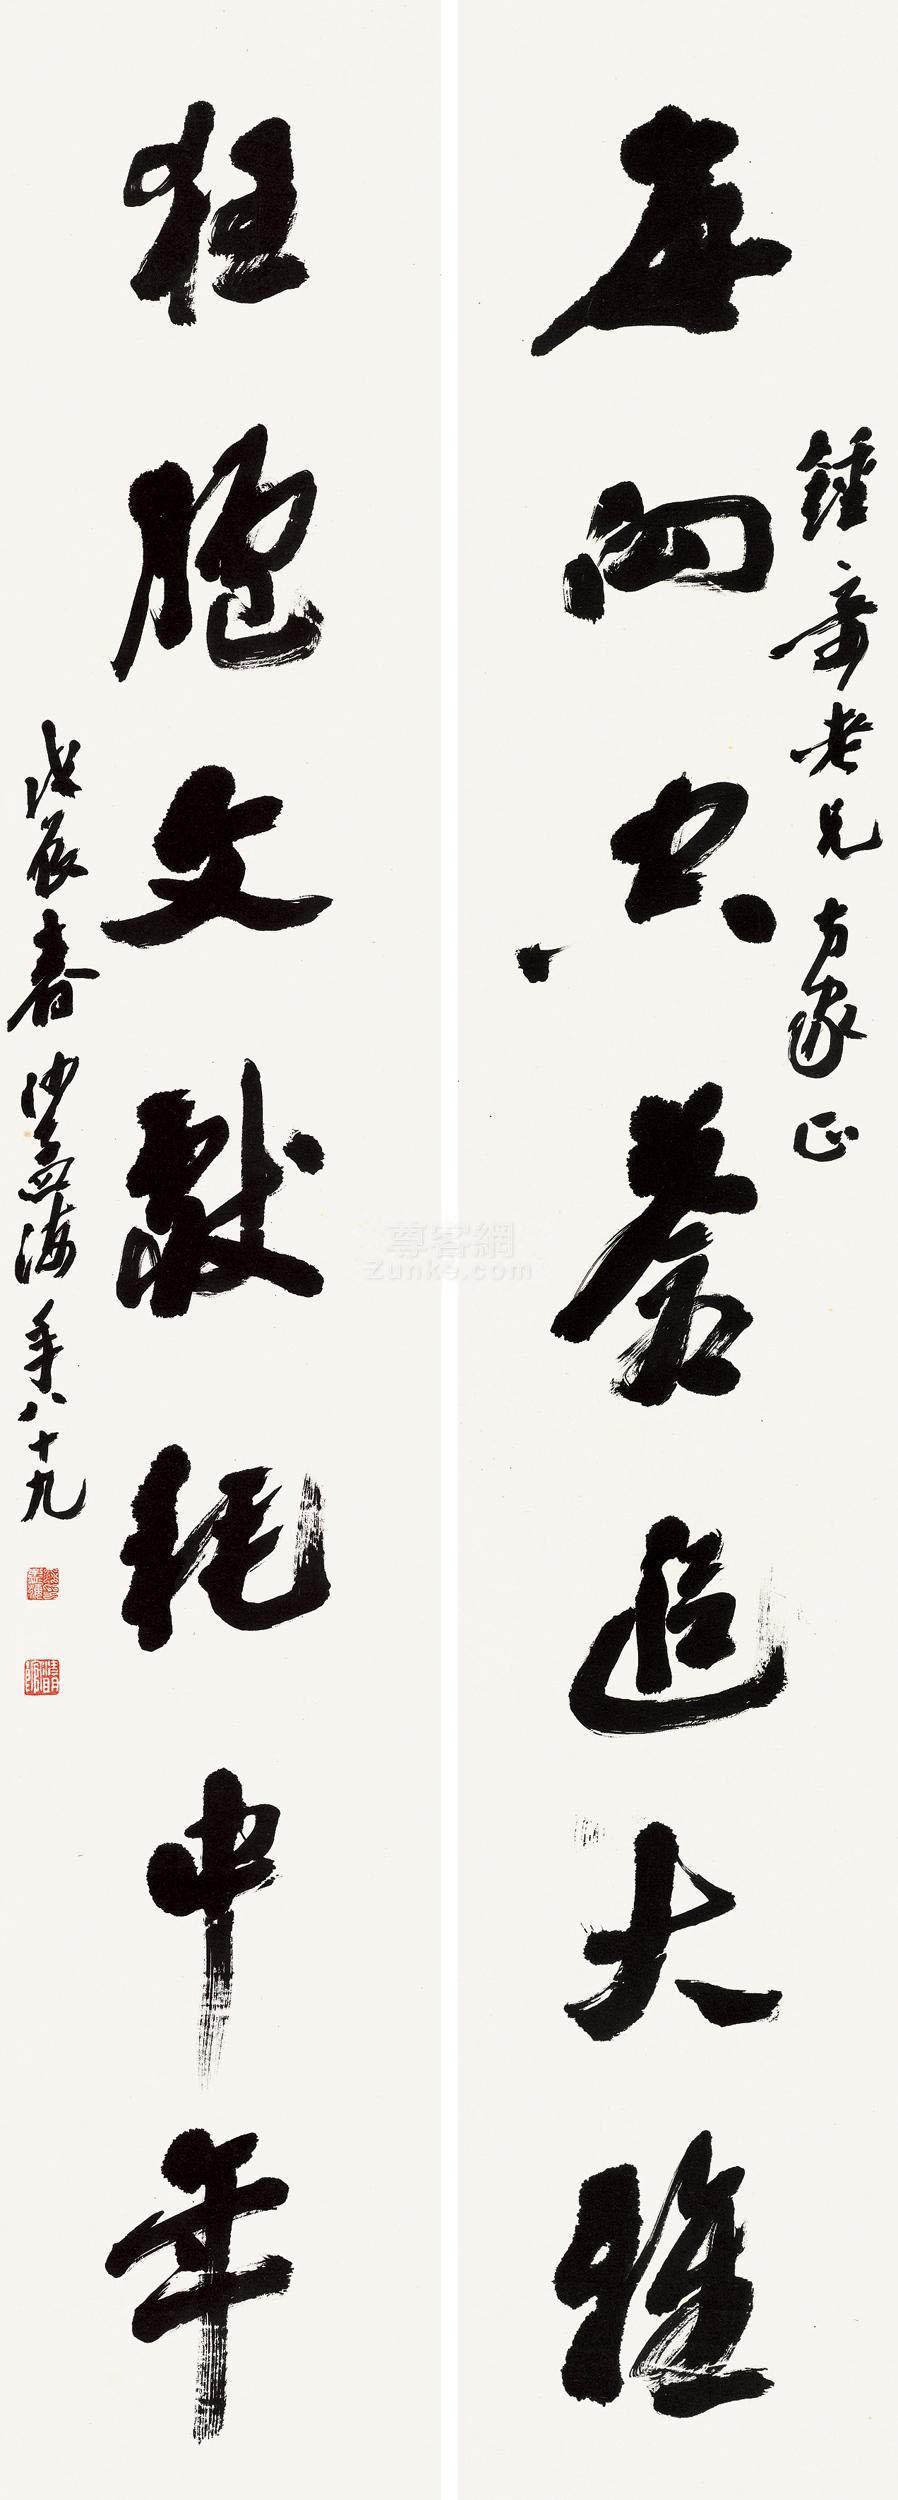 沙孟海沙孟海 书法 对联 水墨纸本沙孟海艺术作品大全